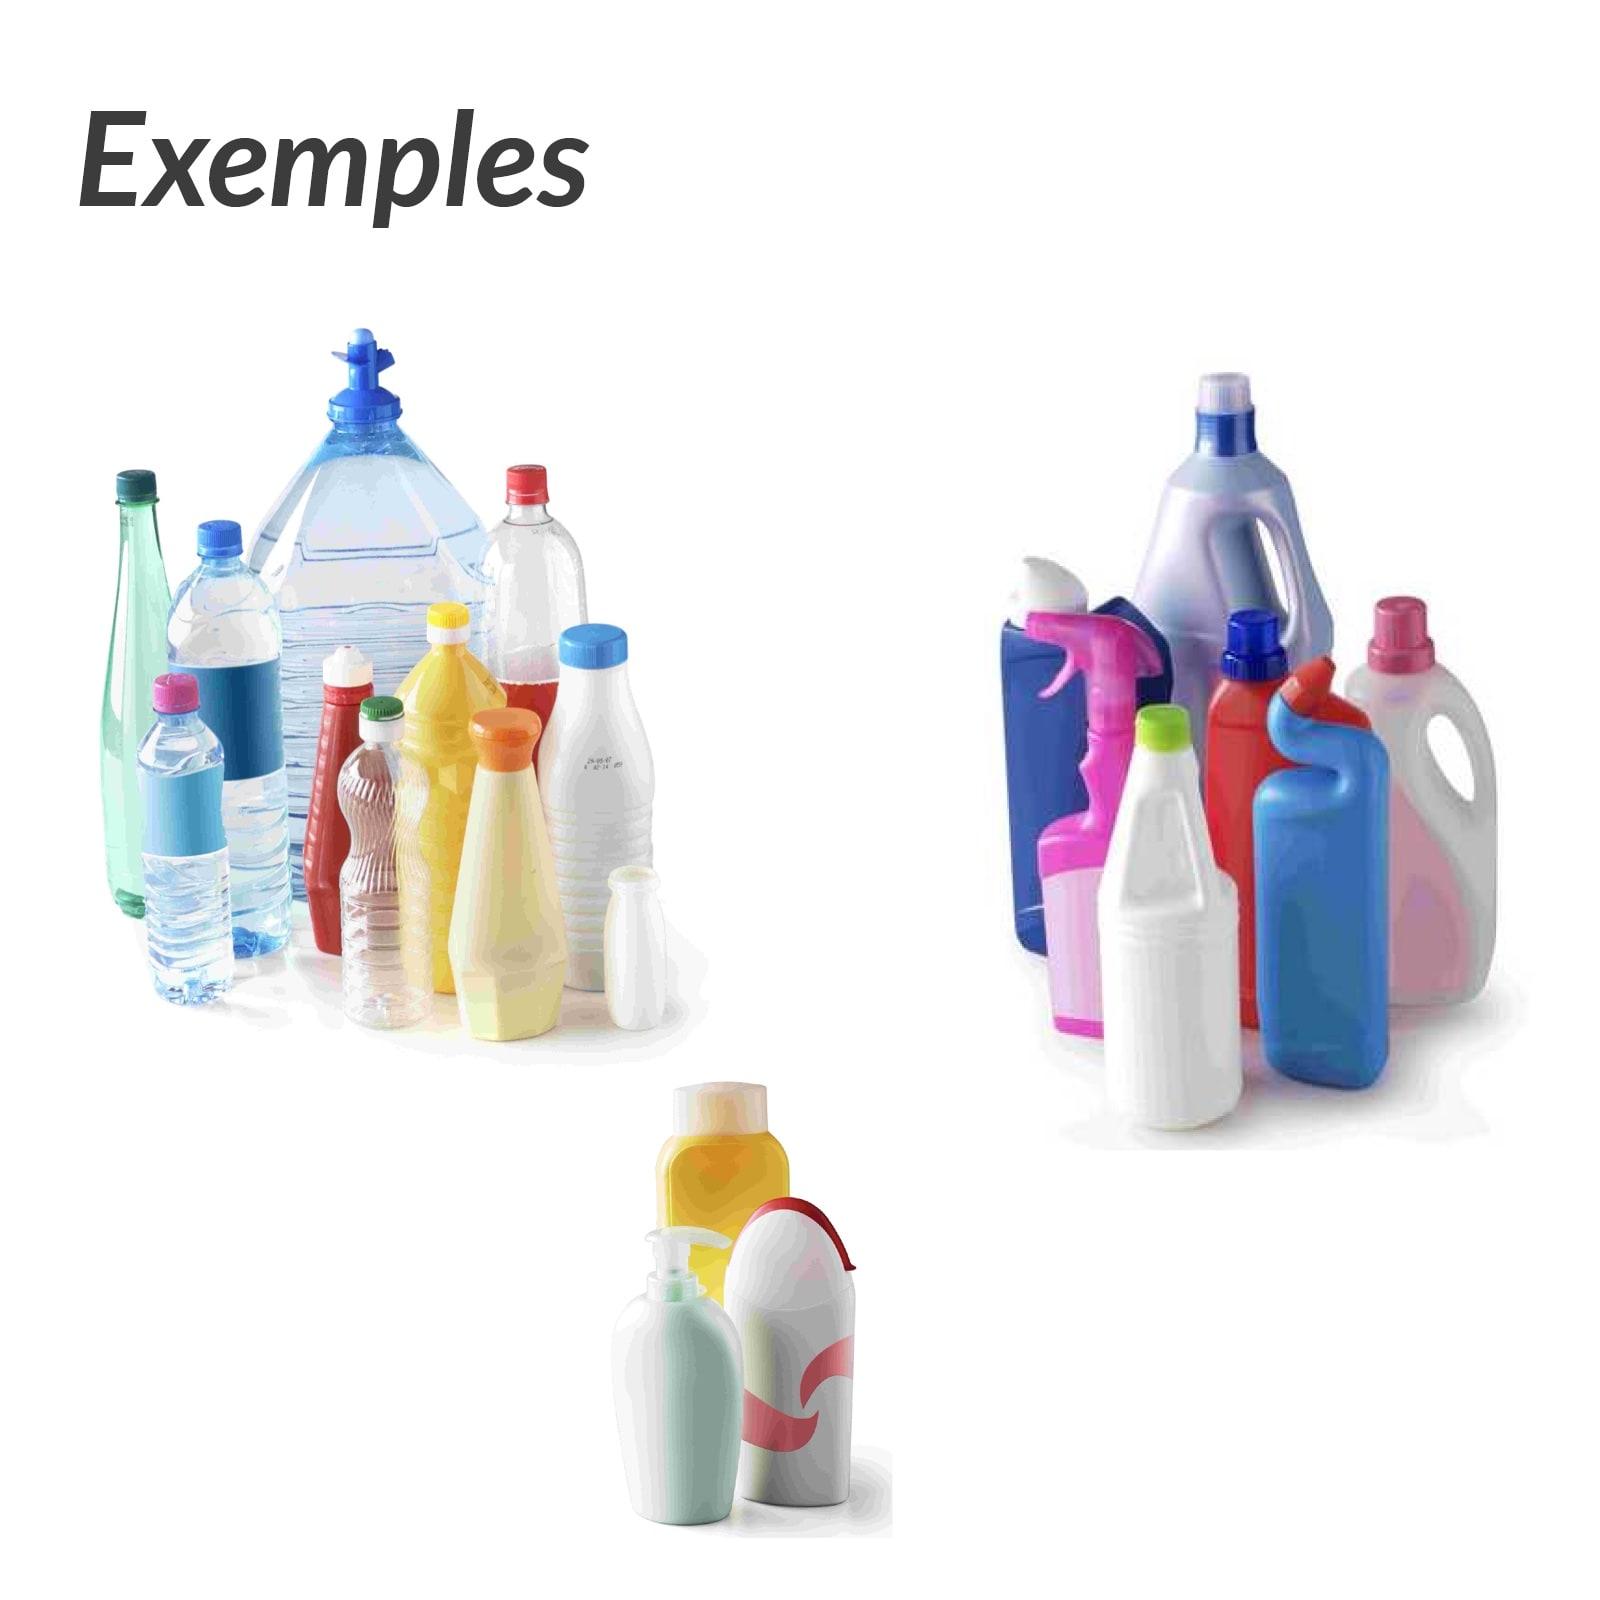 Plastique Le tri des emballages recyclables SMICOTOM 33